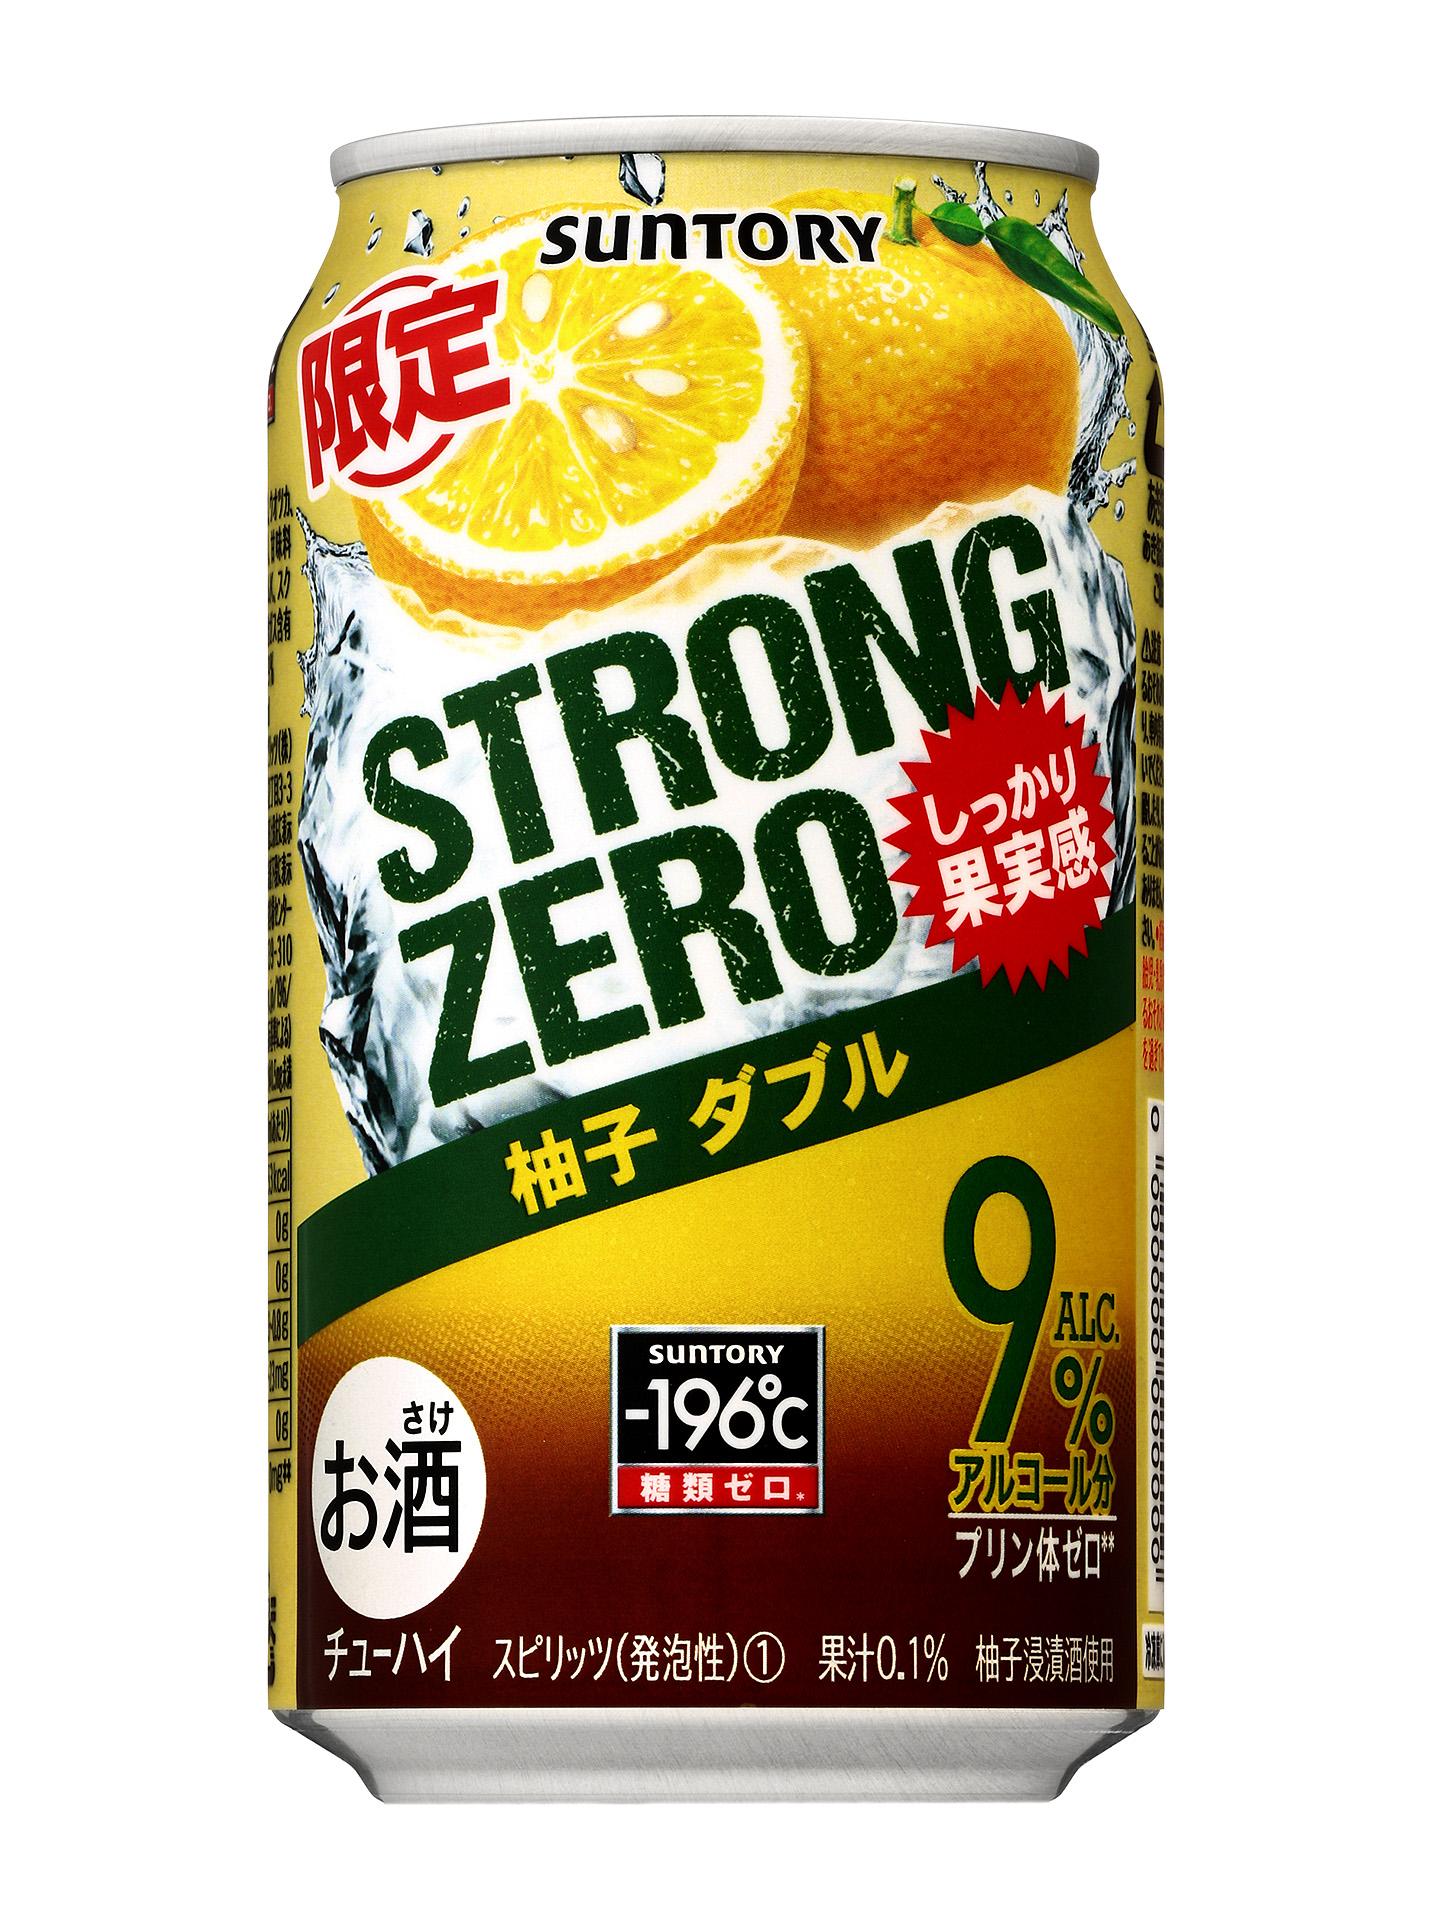 Chuhai Watch: -196°C Strong Zero Yuzu Double